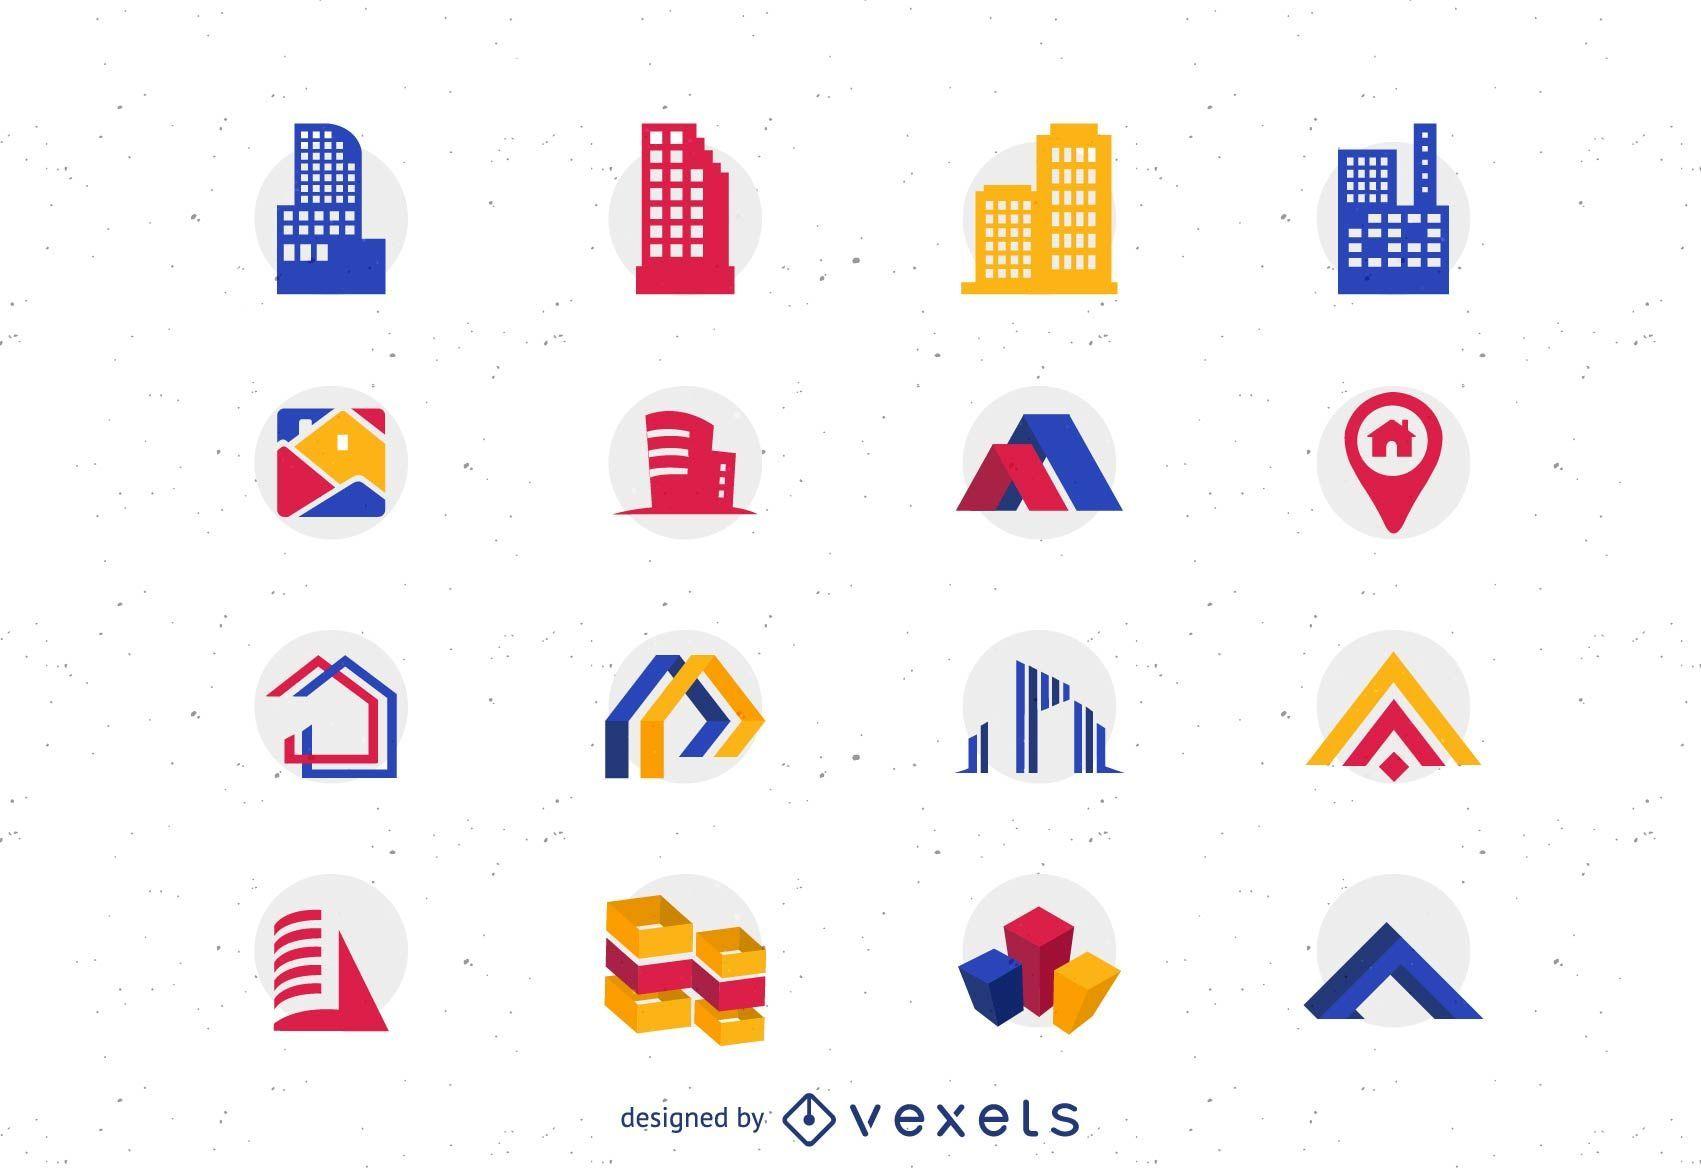 16 iconos vectoriales de bienes raíces